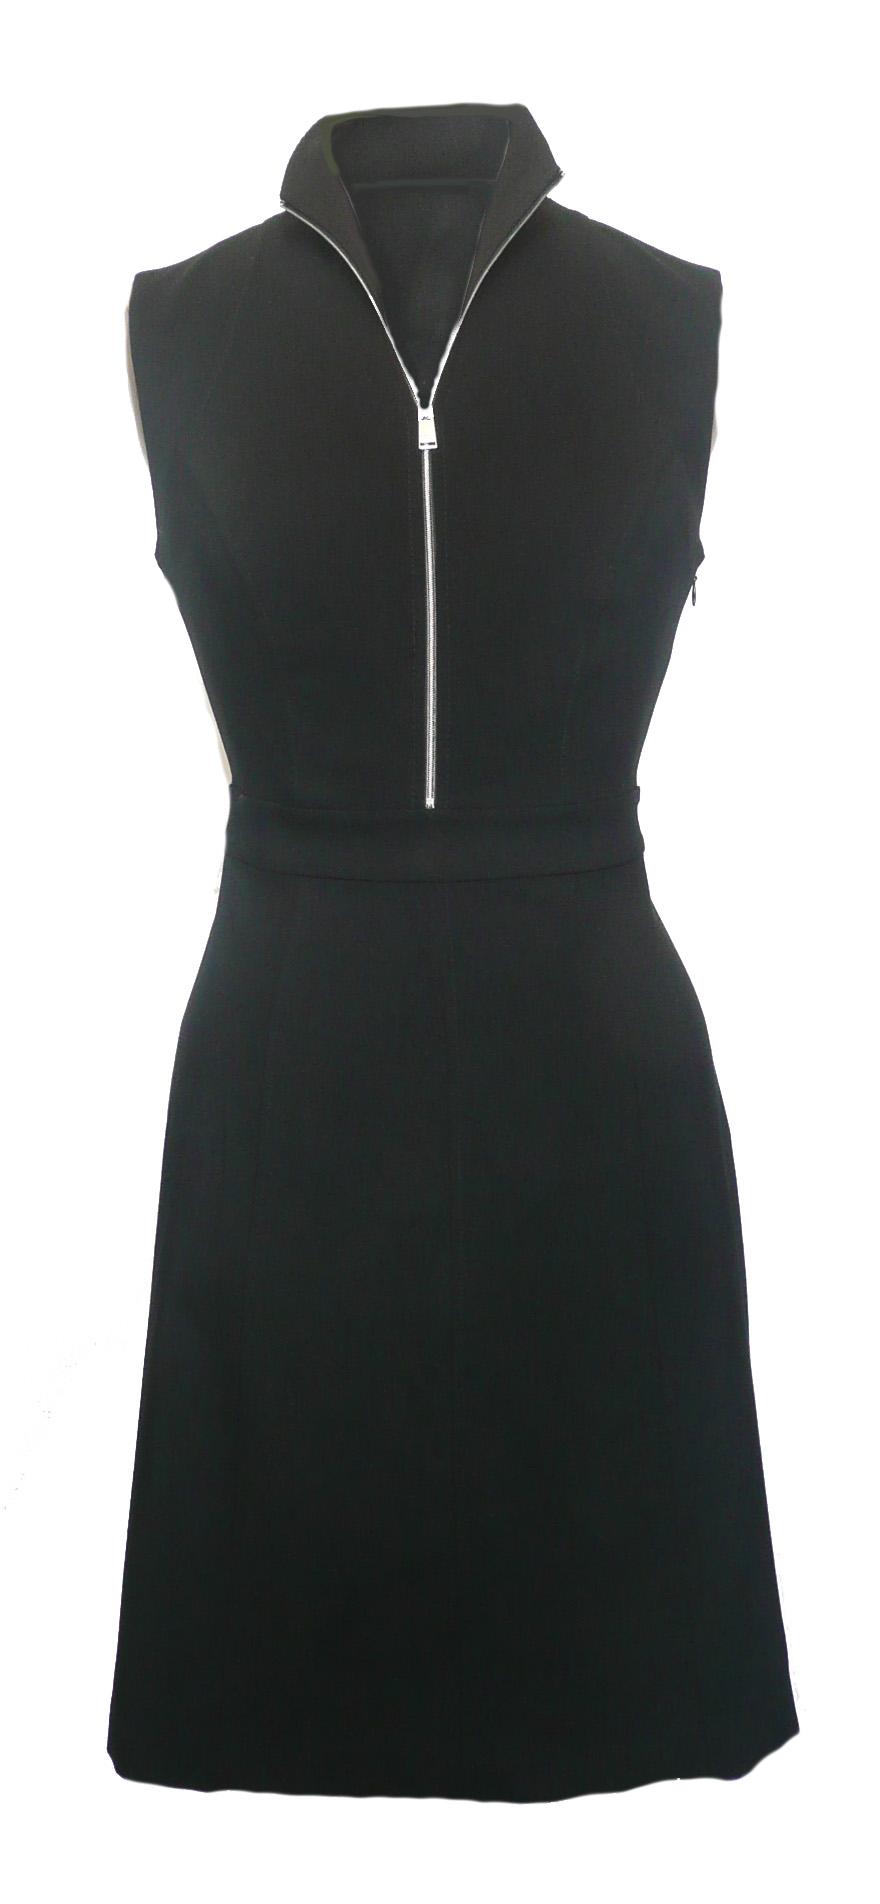 dress blk zip frnt.jpg